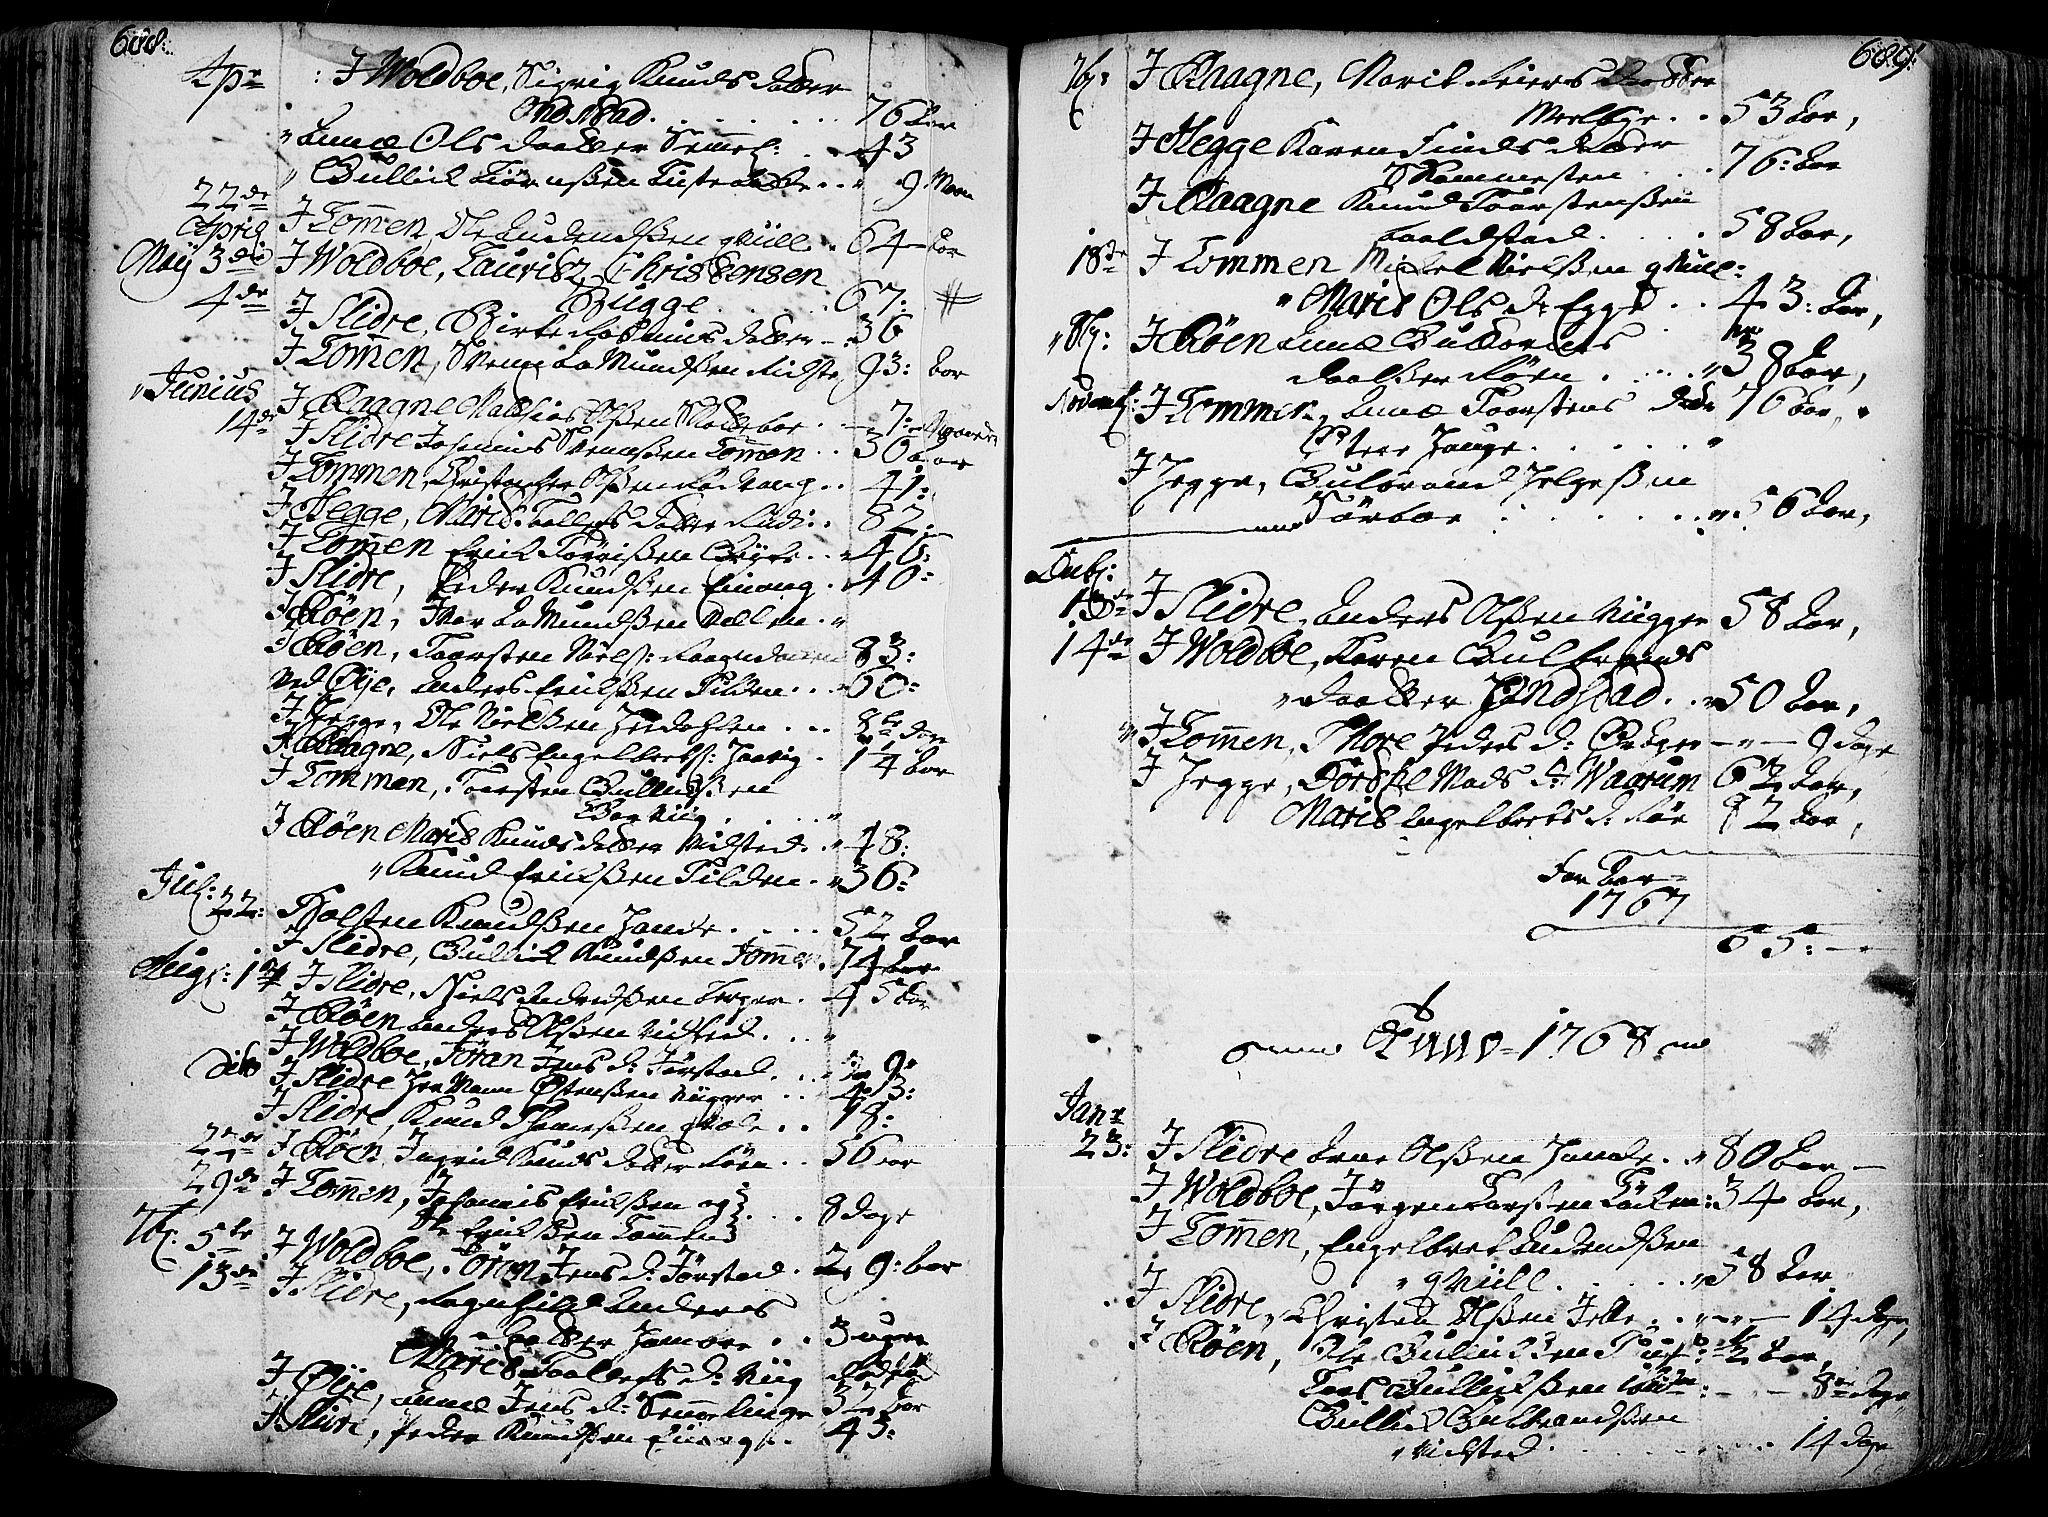 SAH, Slidre prestekontor, Ministerialbok nr. 1, 1724-1814, s. 688-689